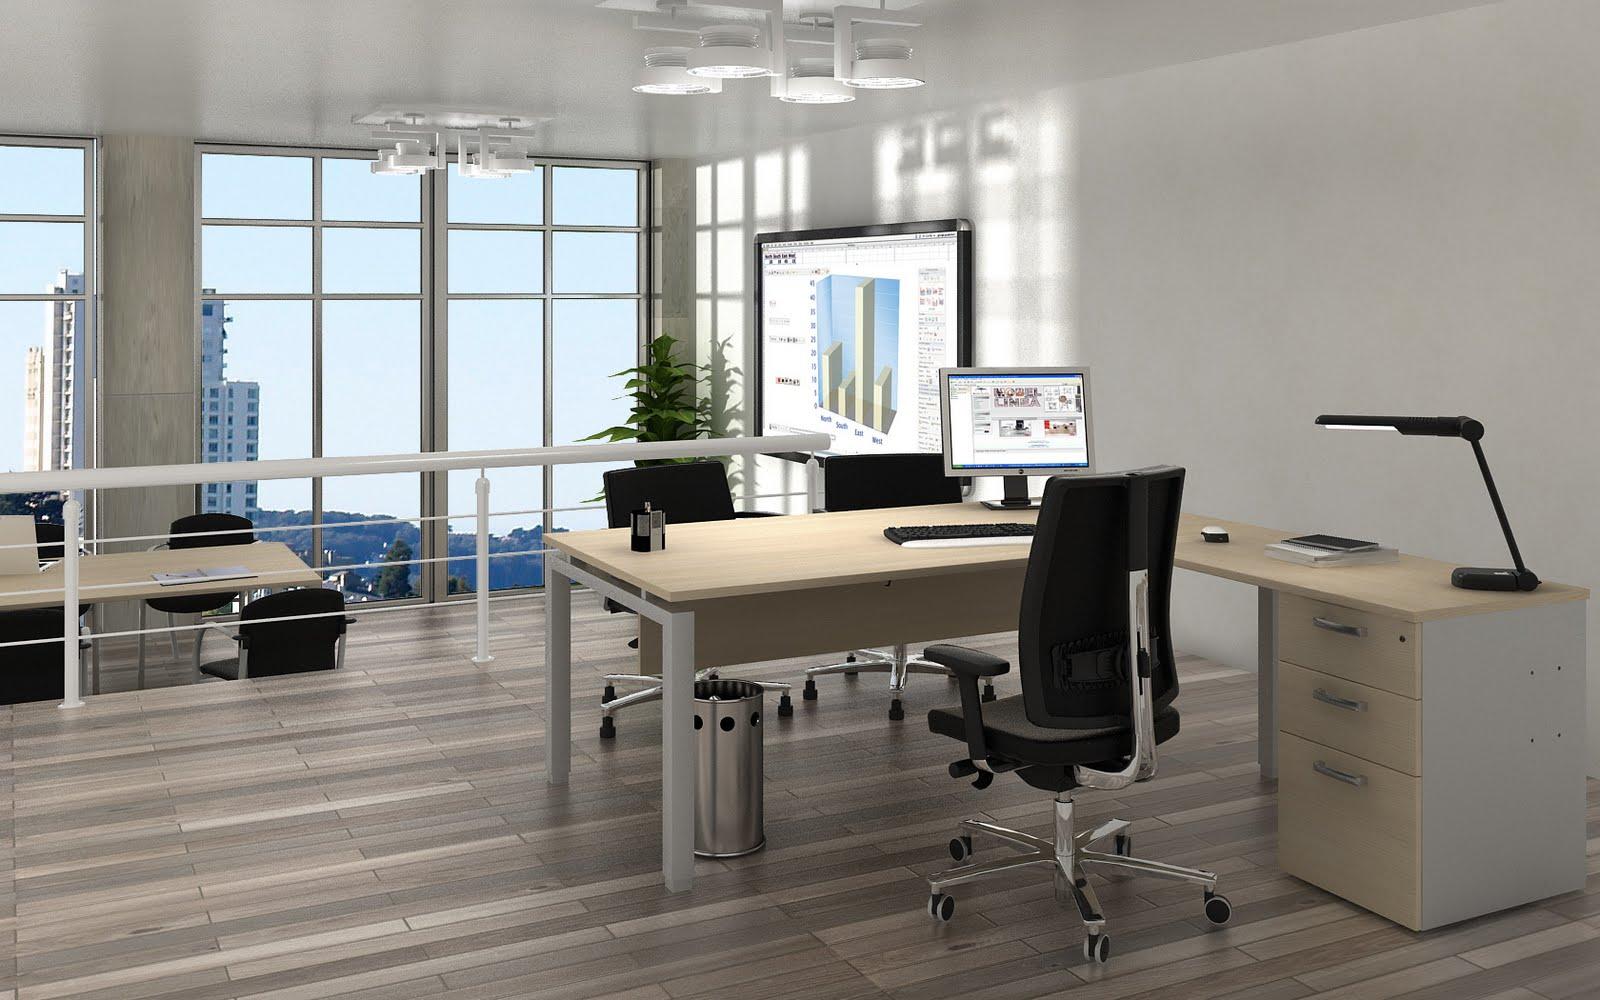 Las oficinas del futuro proyectos mobel linea for Las oficinas